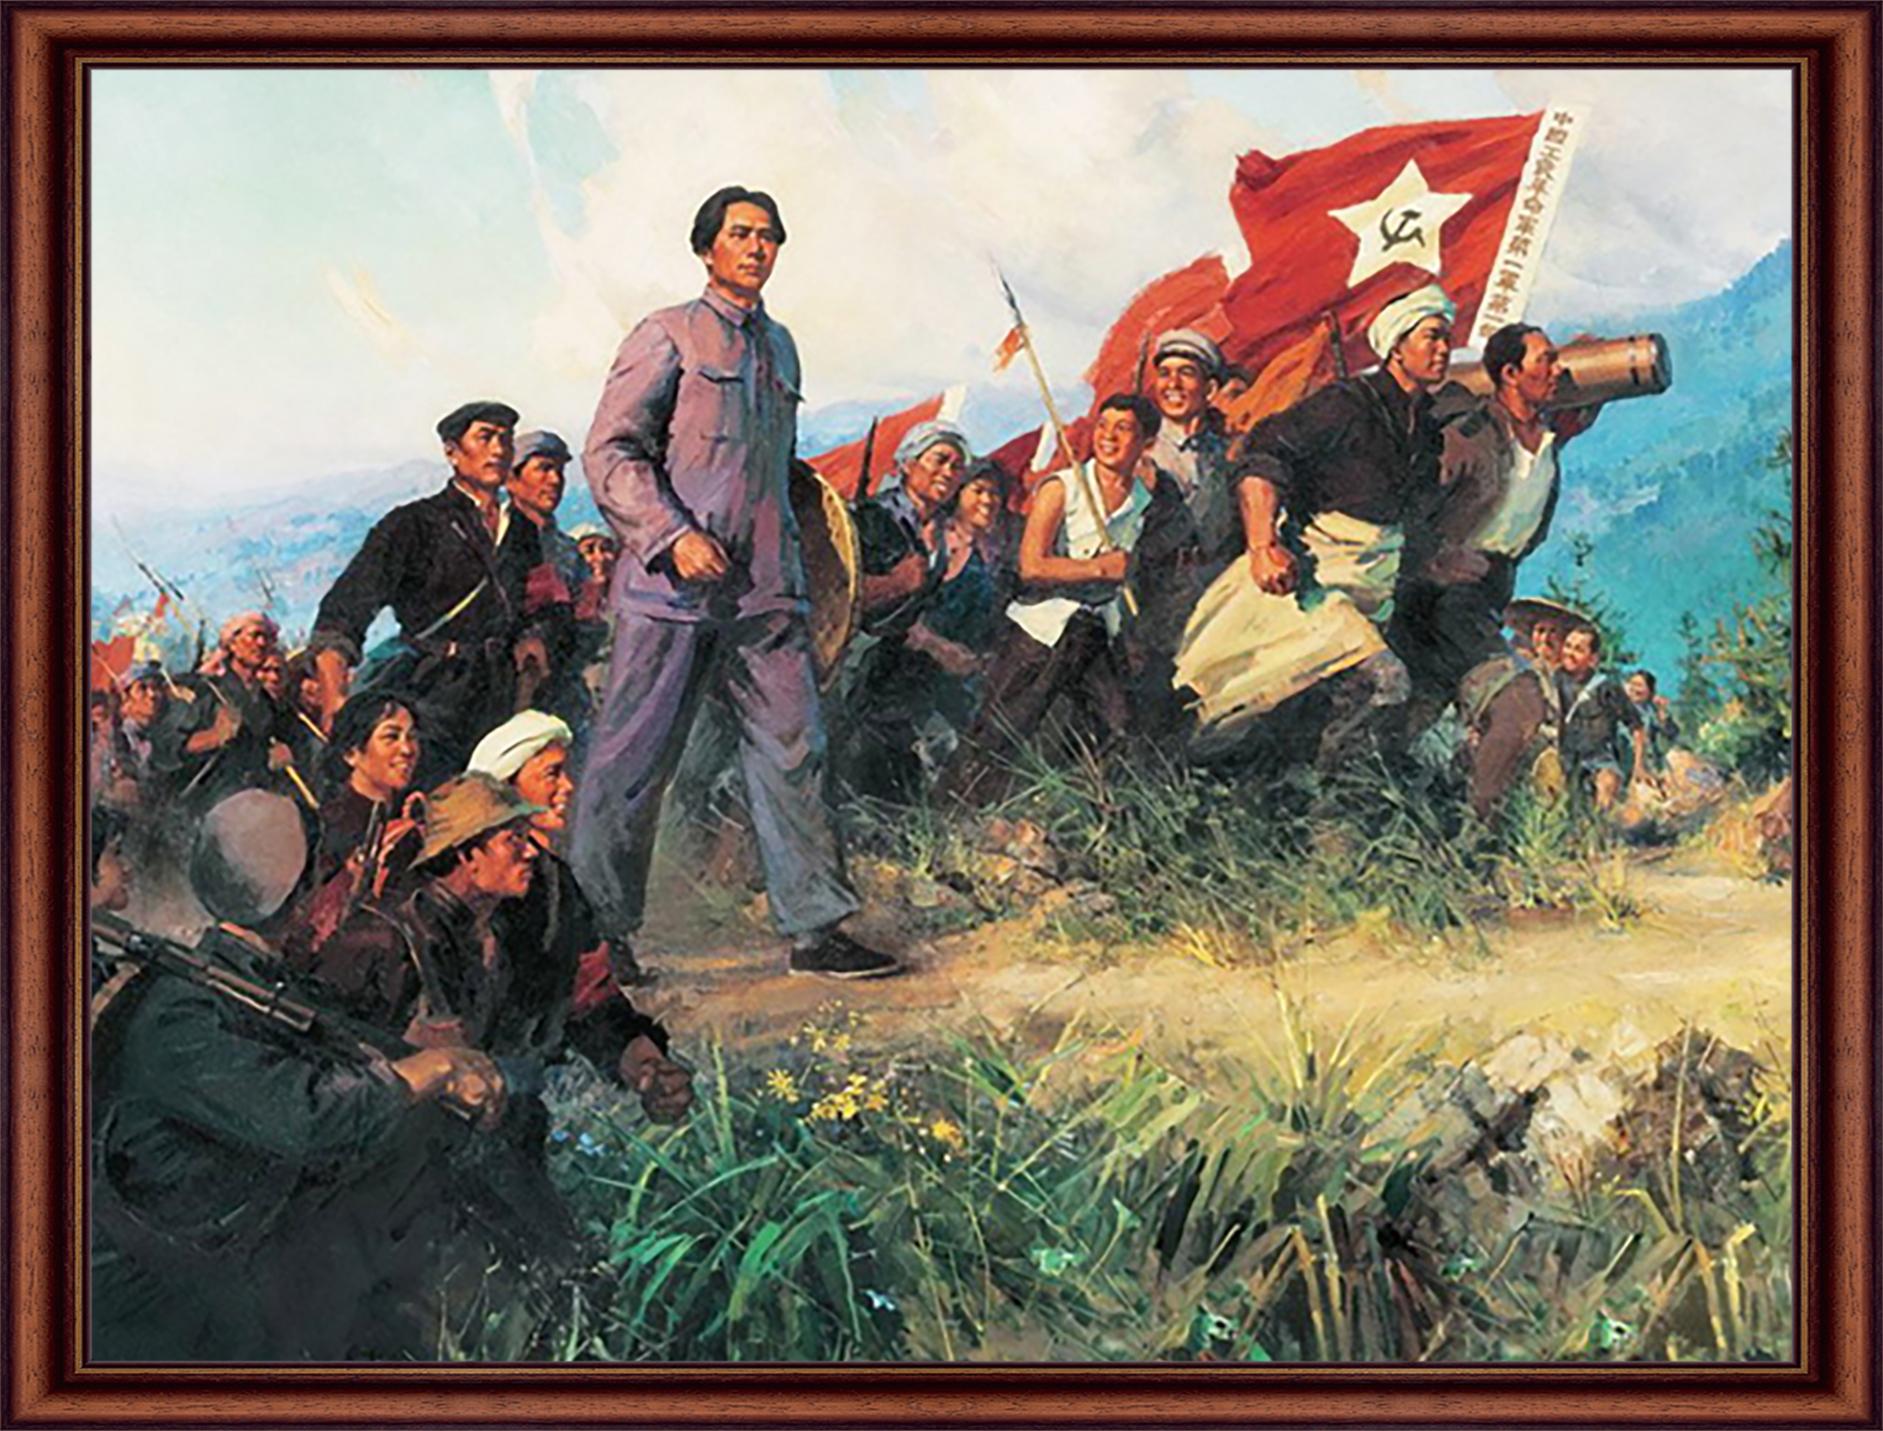 何孔德、高泉、冀晓秋、陈玉先  《秋收起义》 油画 1973年